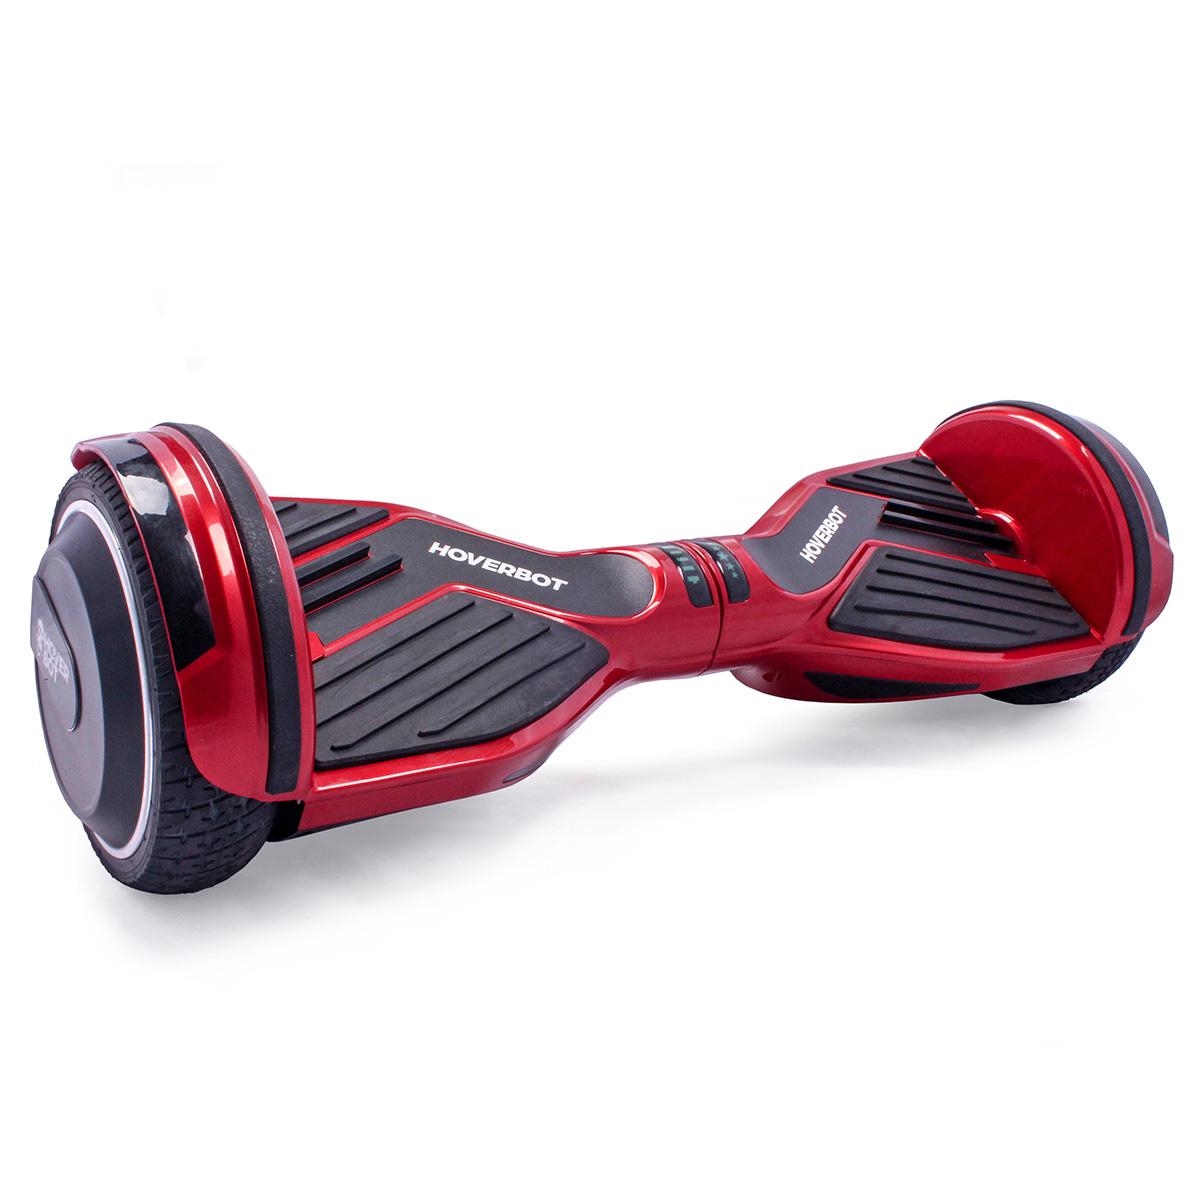 Гироскутер Hoverbot  A-6 Premium , цвет: красный - Электротранспорт